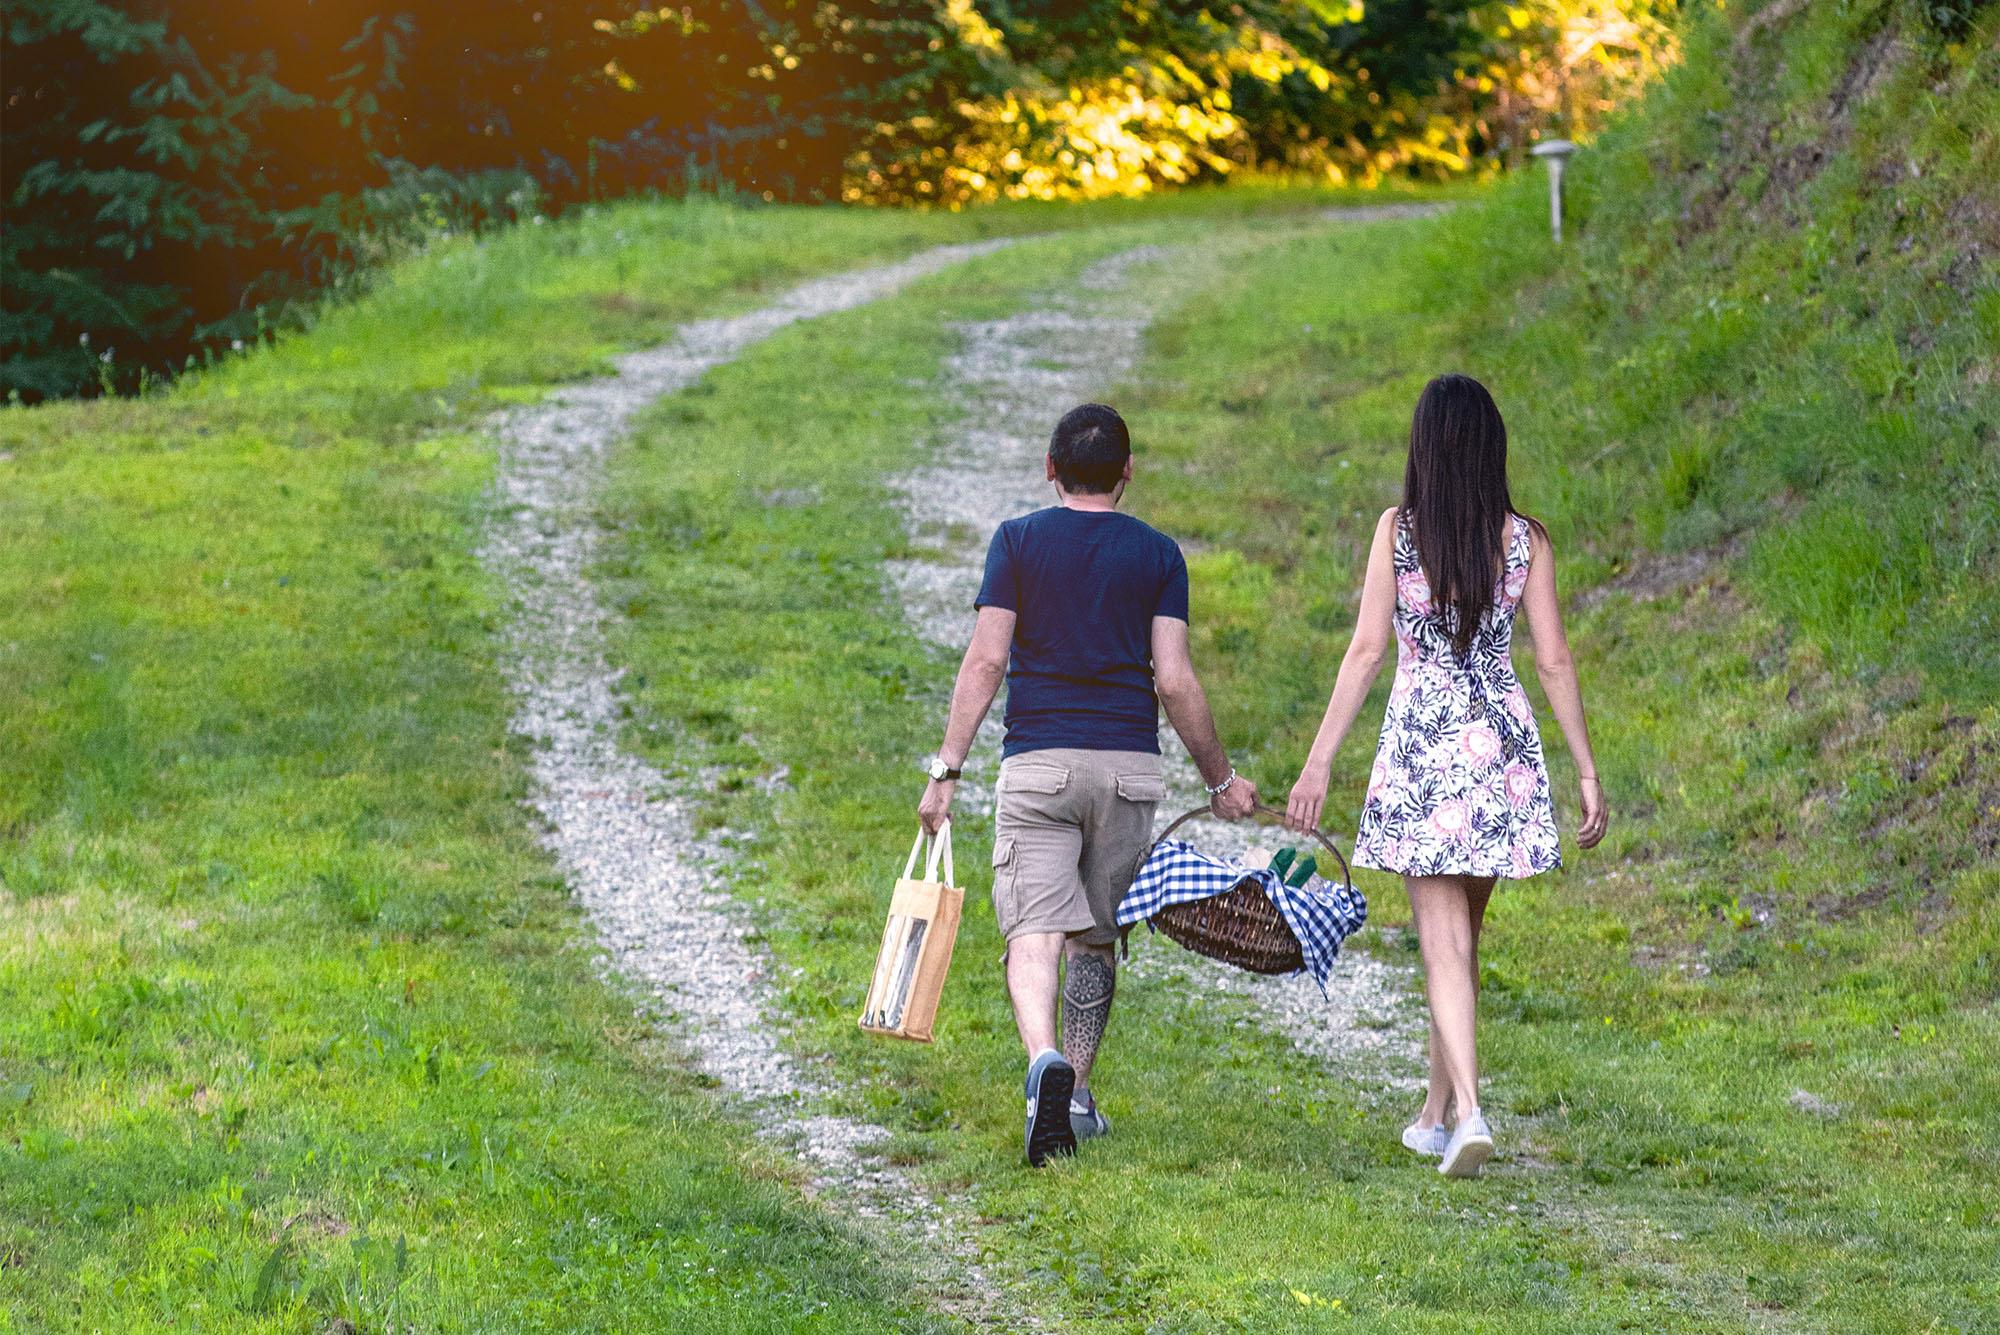 Agriturismo Parco del Grep - Monferrato, Piemonte - Verso le Torri del Grep per un picnic romantico